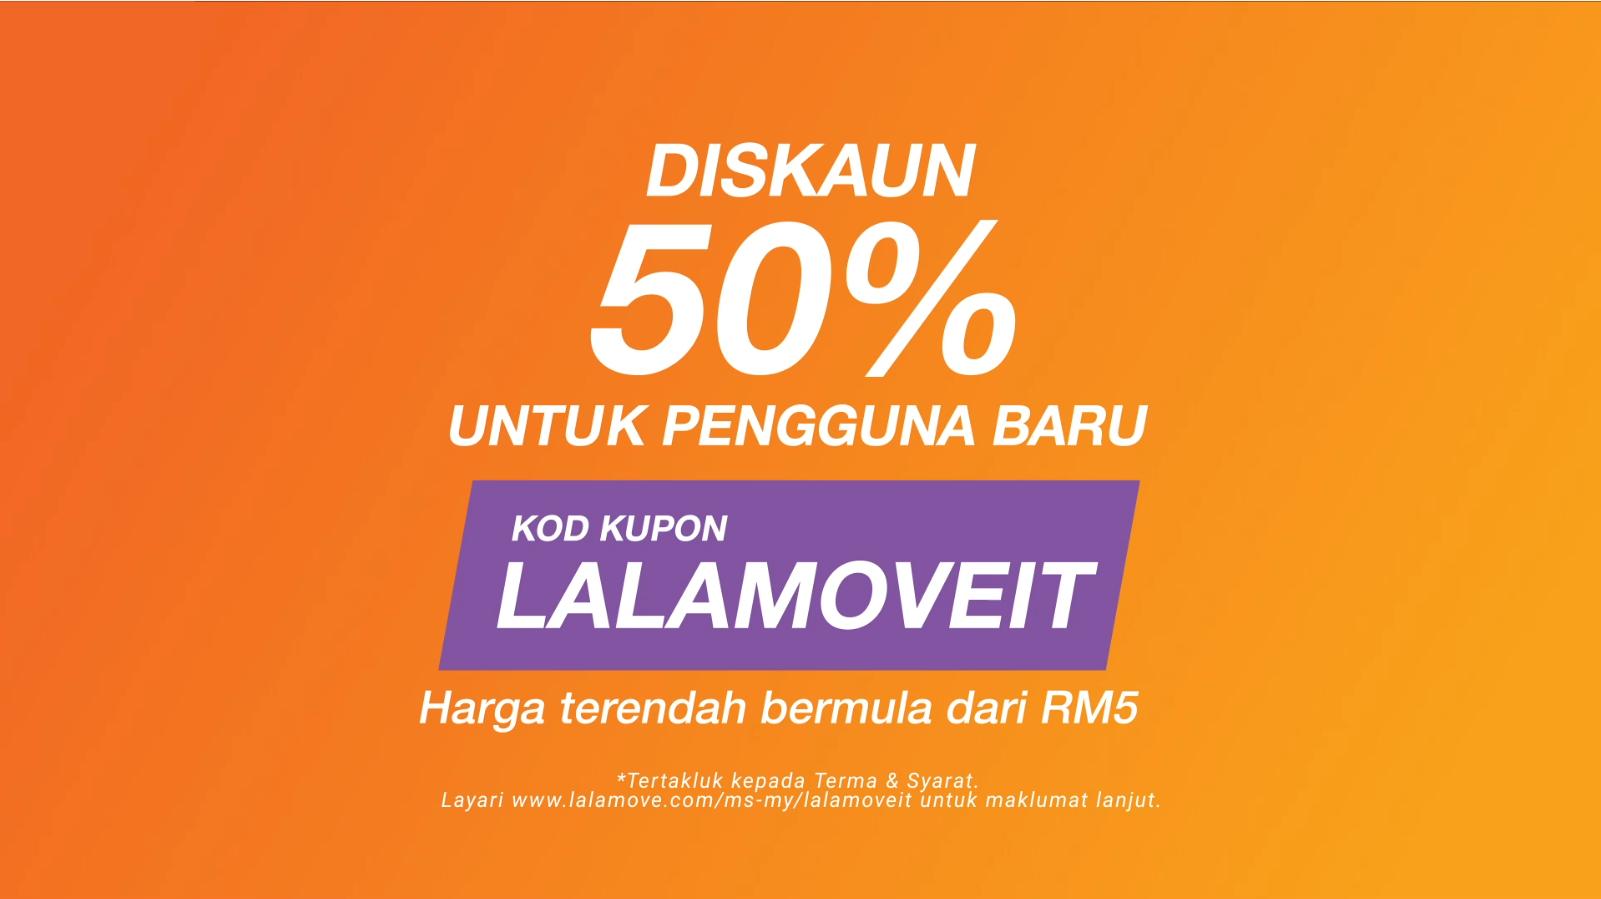 Diskaun 50% untuk pengguna baru Lalamove